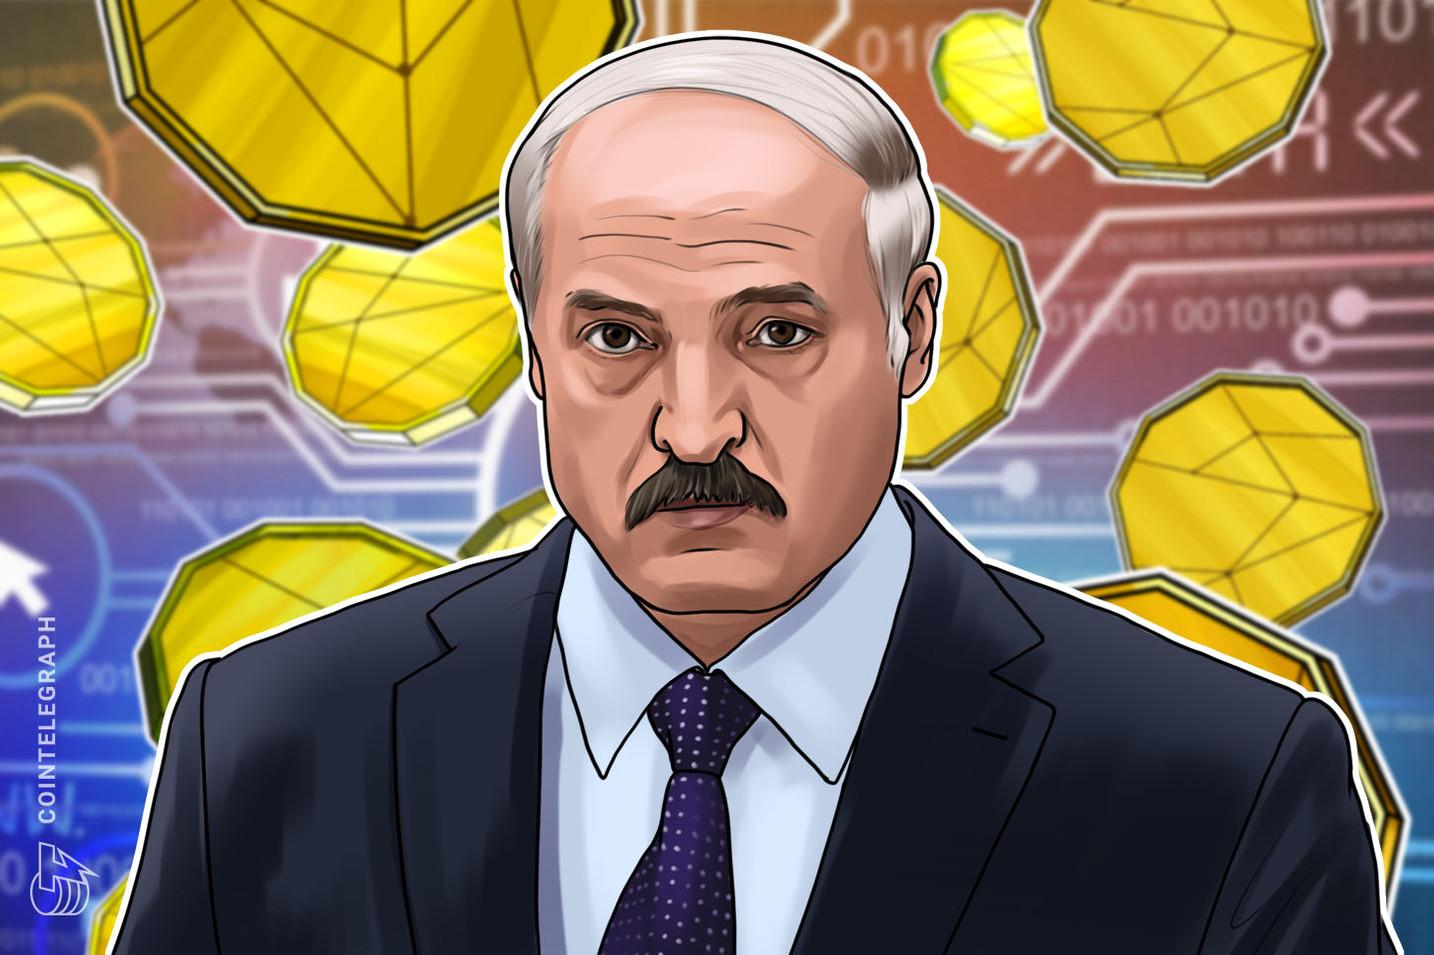 Lukaschenko wiedergewählt: Was bedeutet das für Krypto?